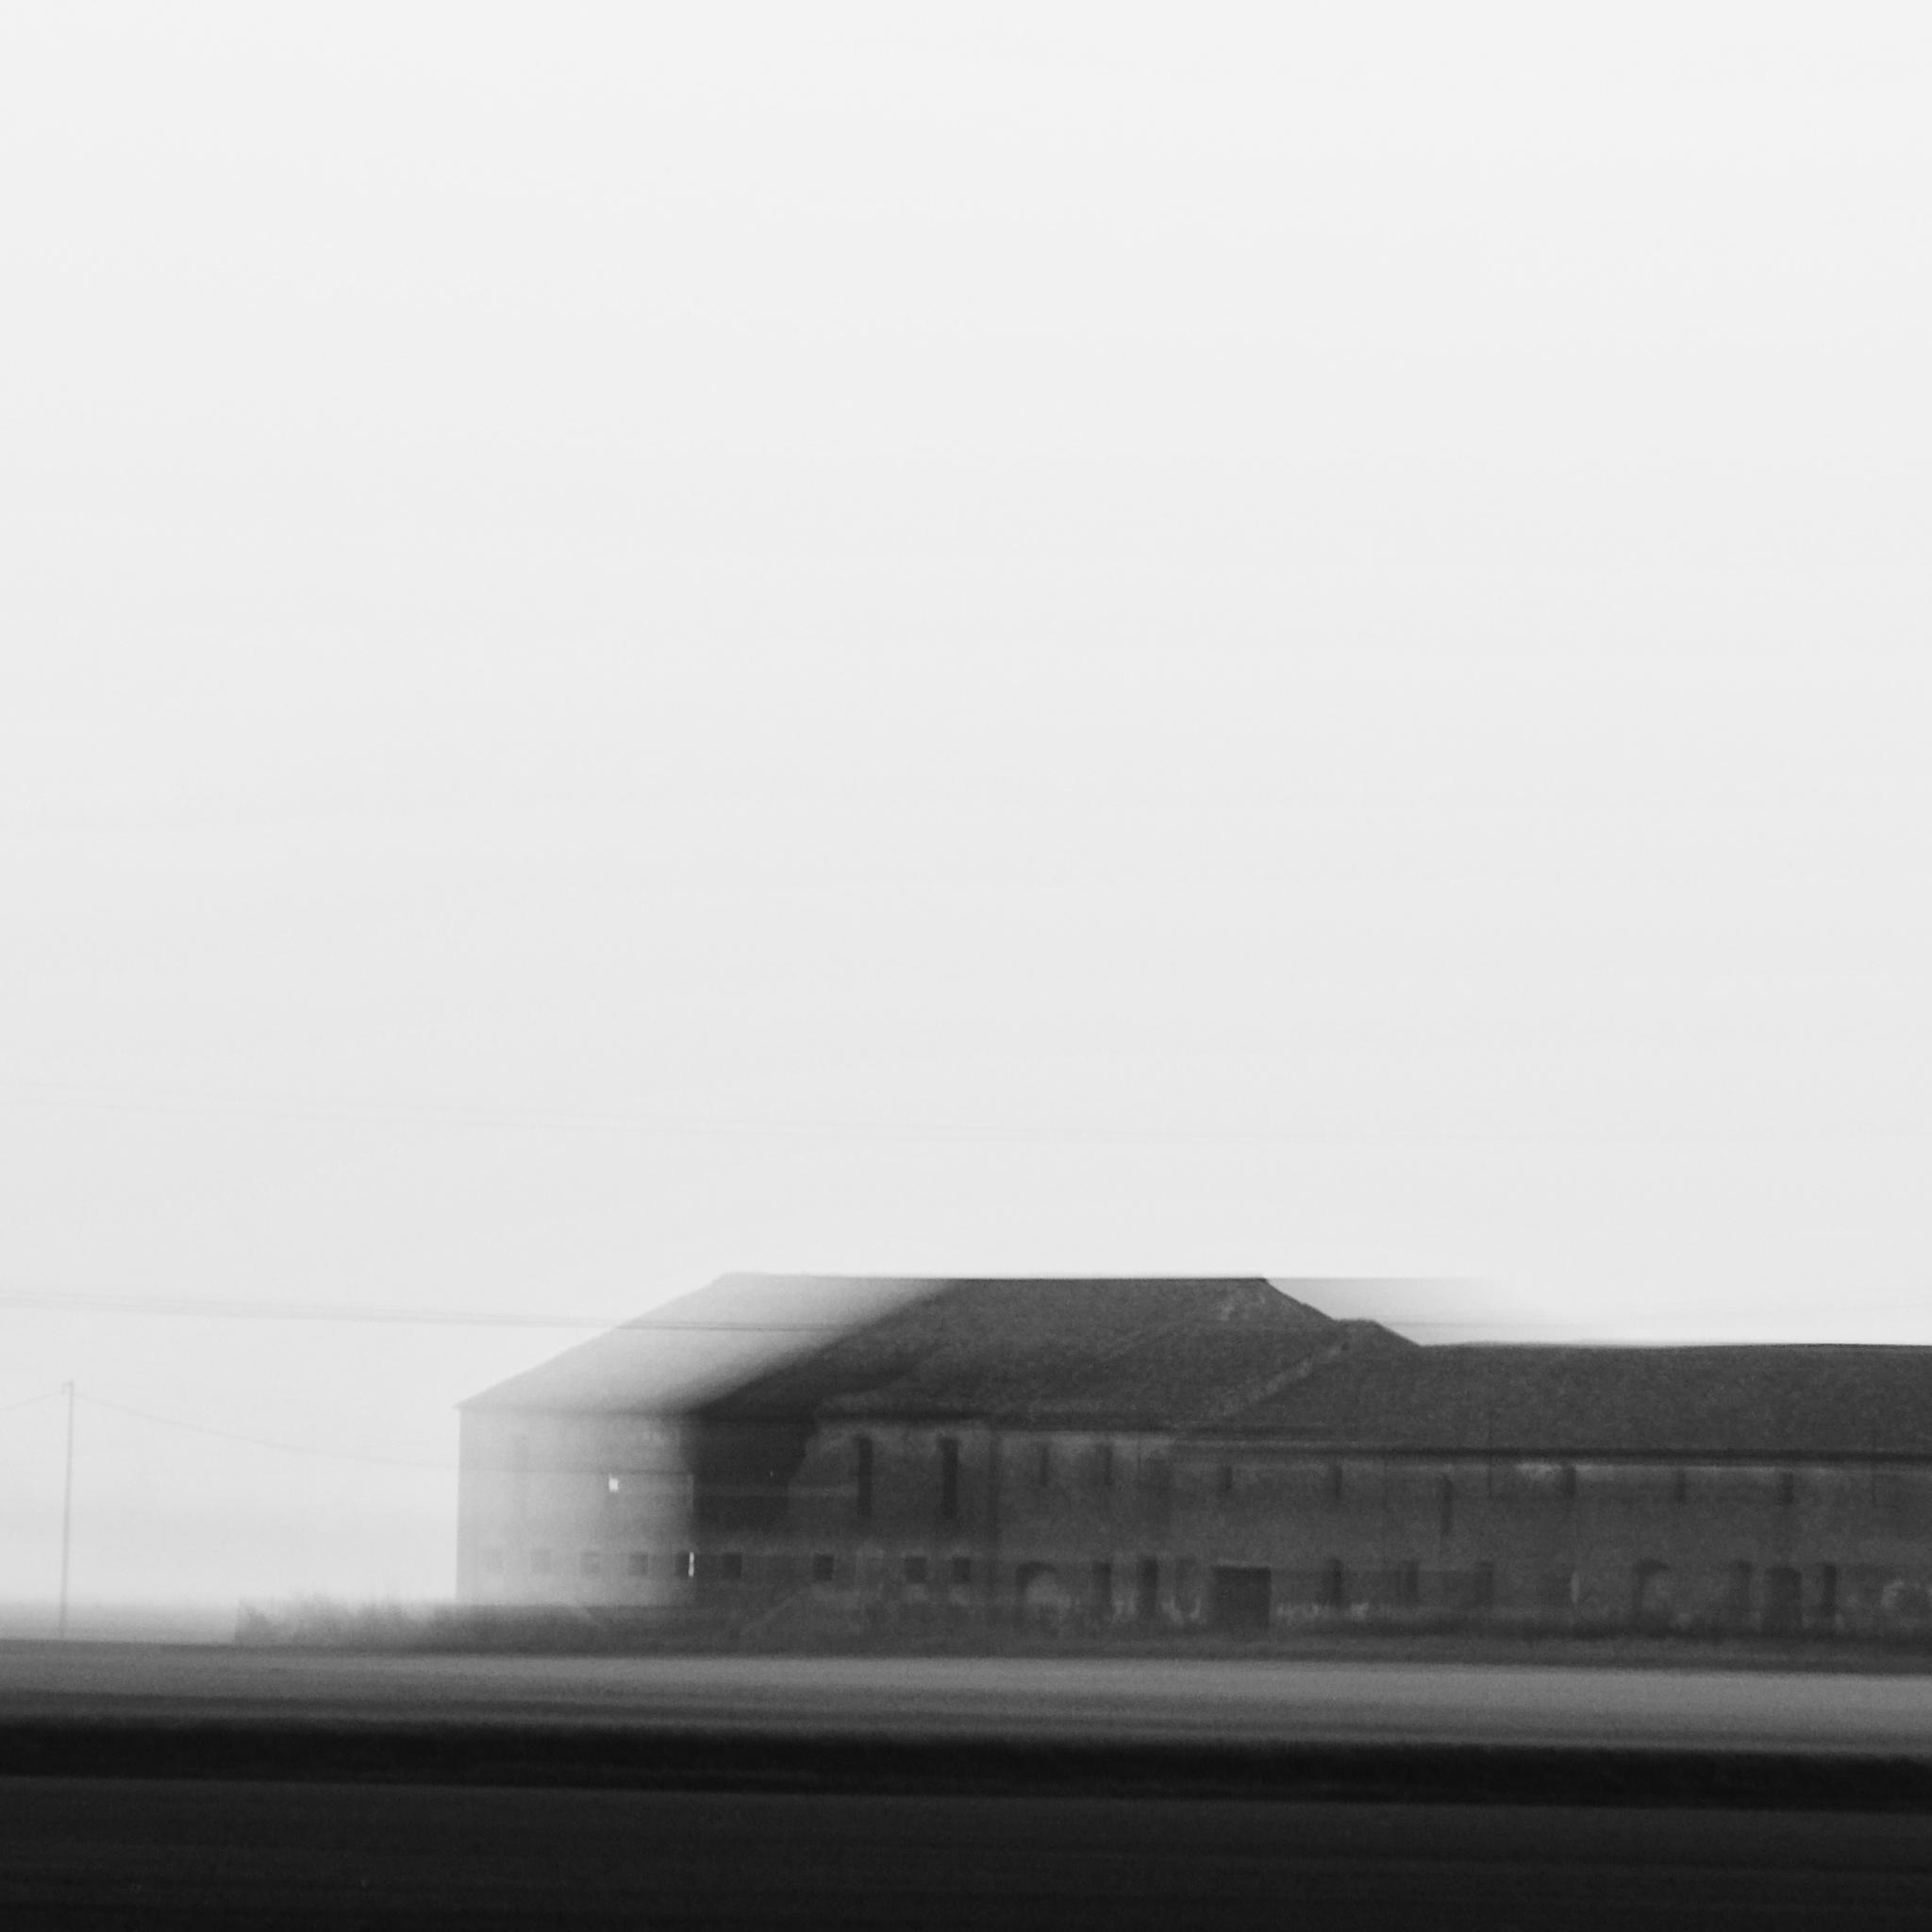 Farmland by Pietro Abbagnato